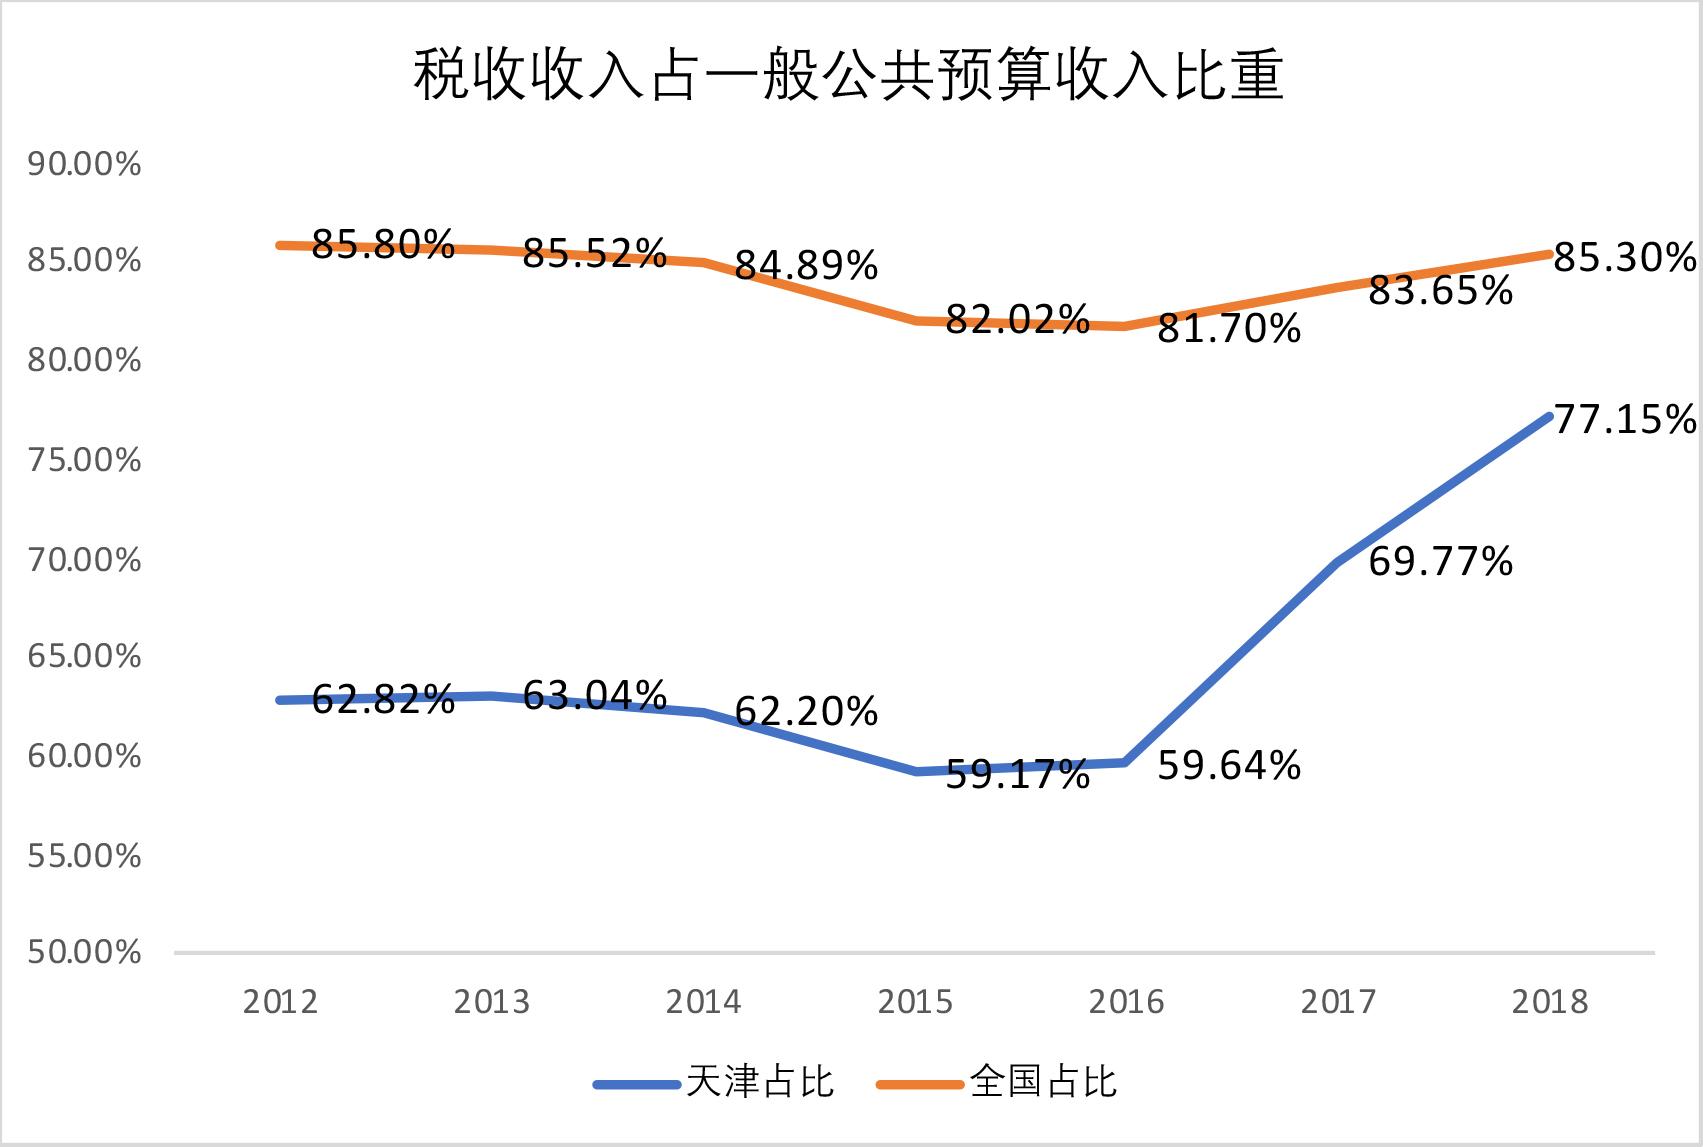 增速陡降,数据缩水,天津经济到底怎么了?